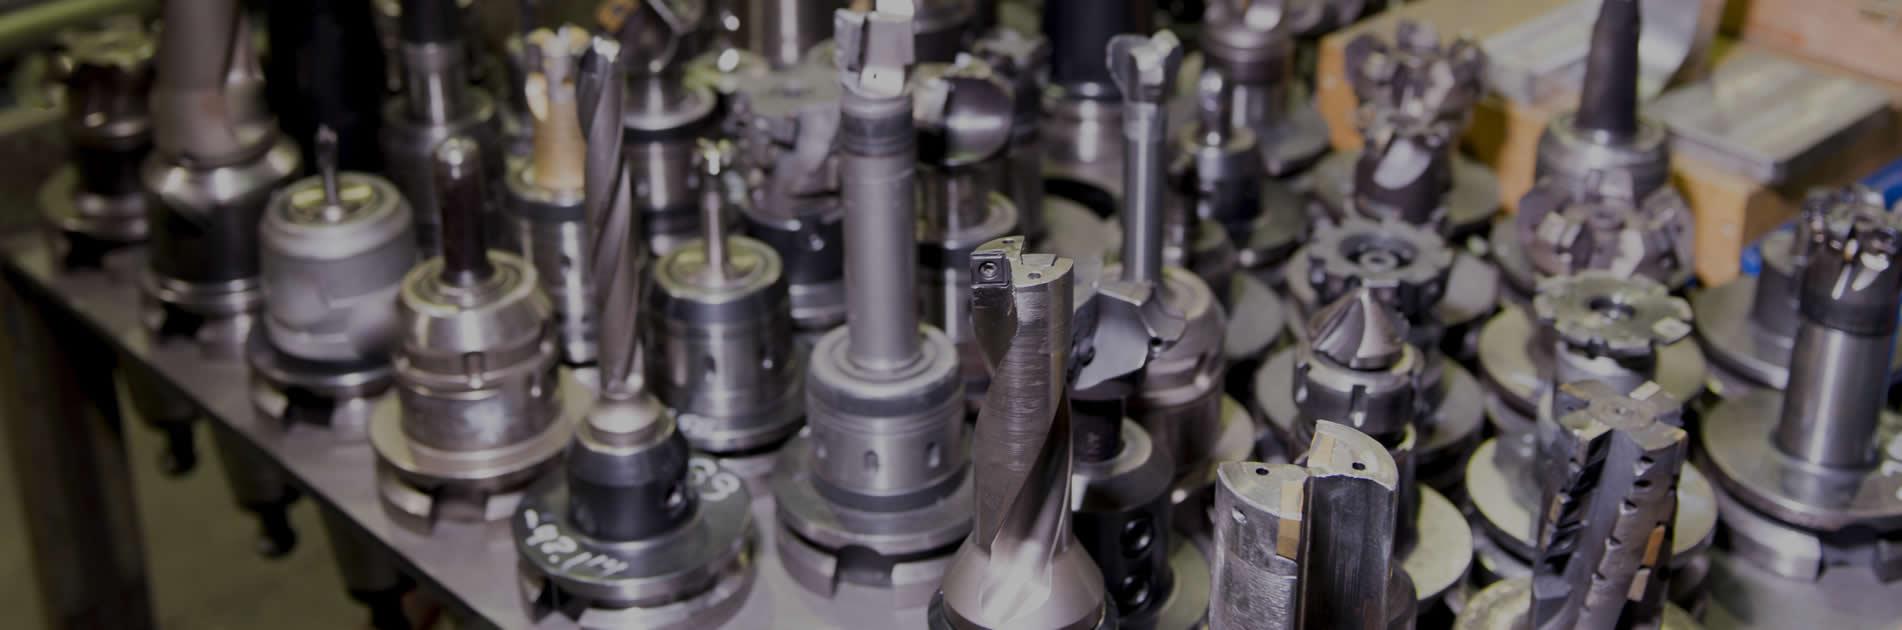 Met-meka - Mecanizado y metalizado de piezas bajo plano